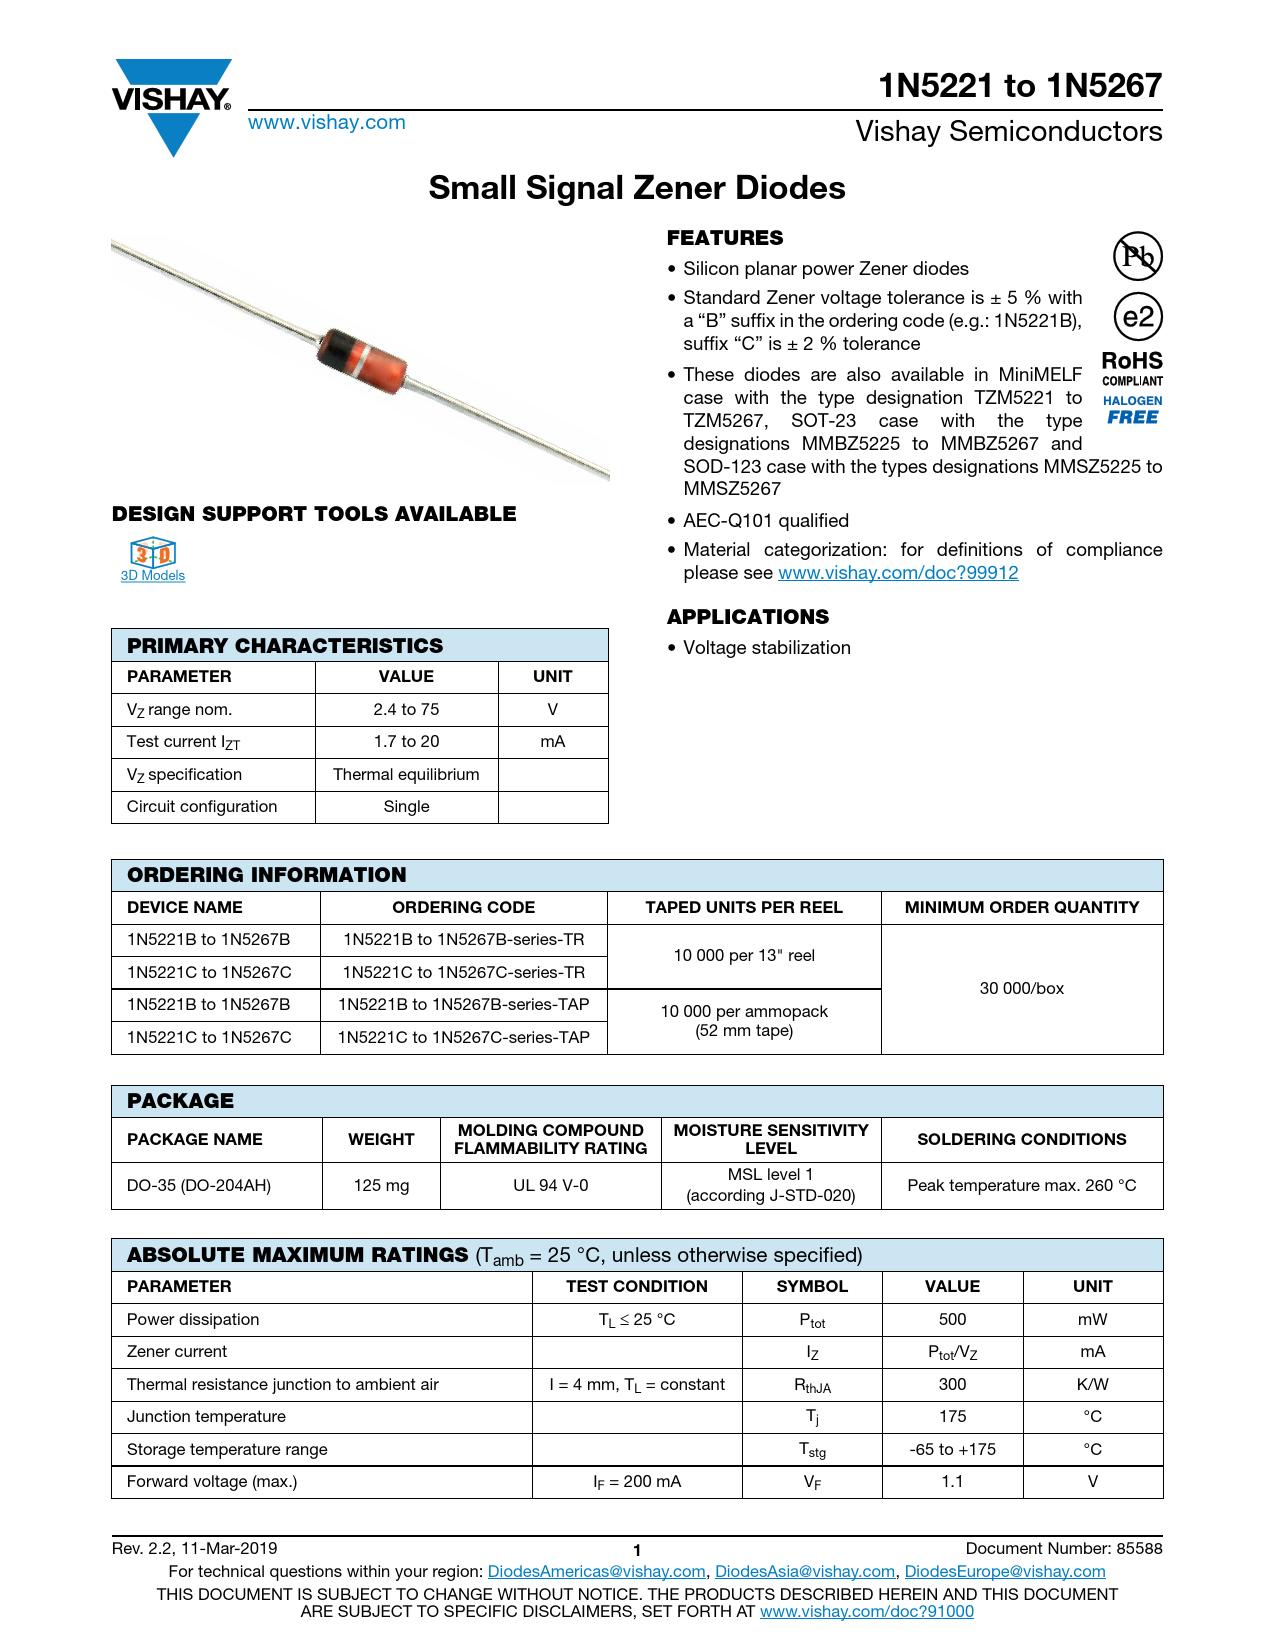 Datasheet 1N5230 - 1N5267 Vishay, Revision: 2.2